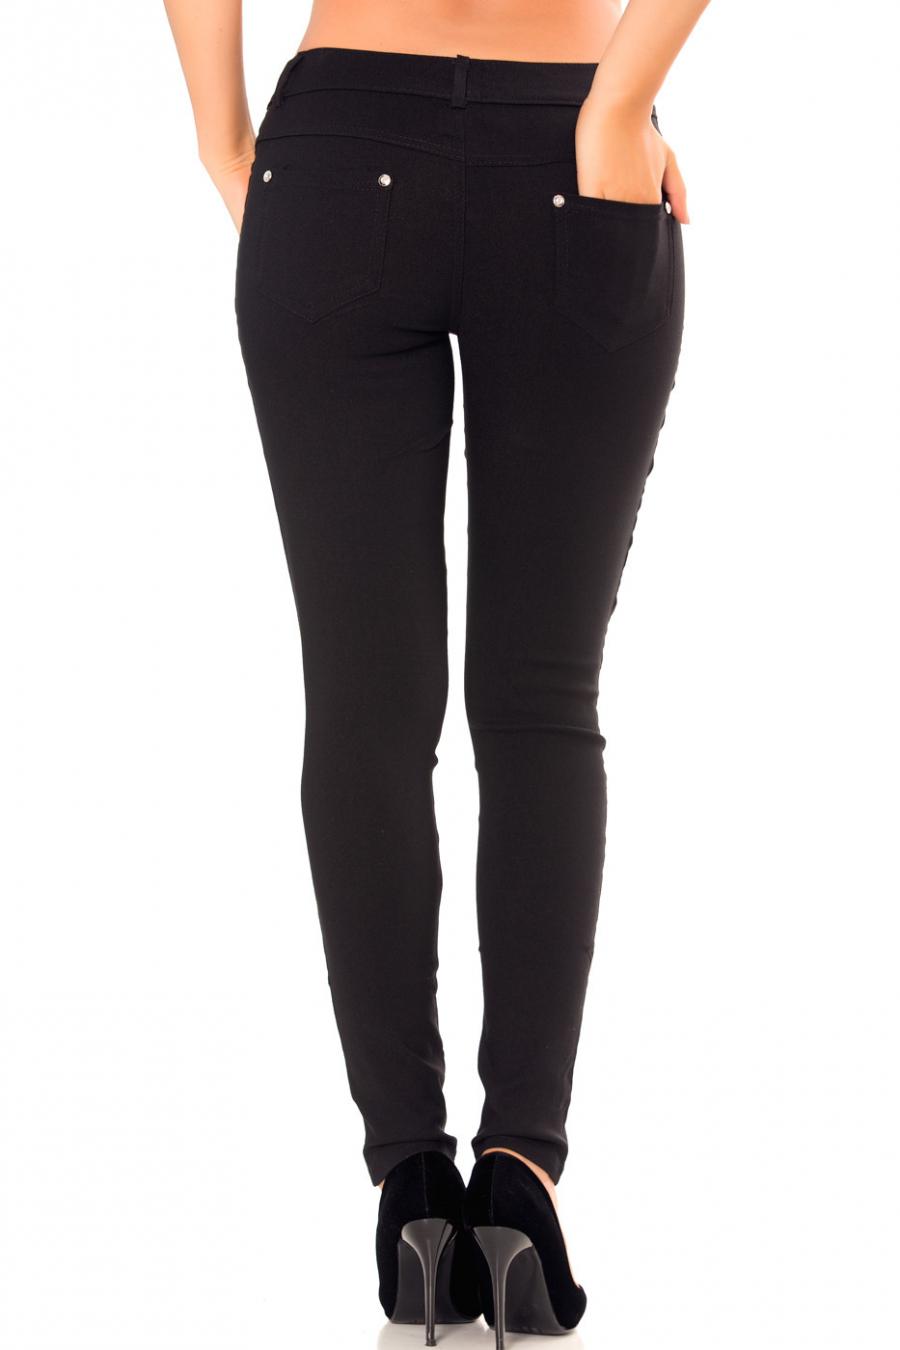 Pantalon slim noir avec poches avant et arrière et boutons style diamant. Enleg 2003.